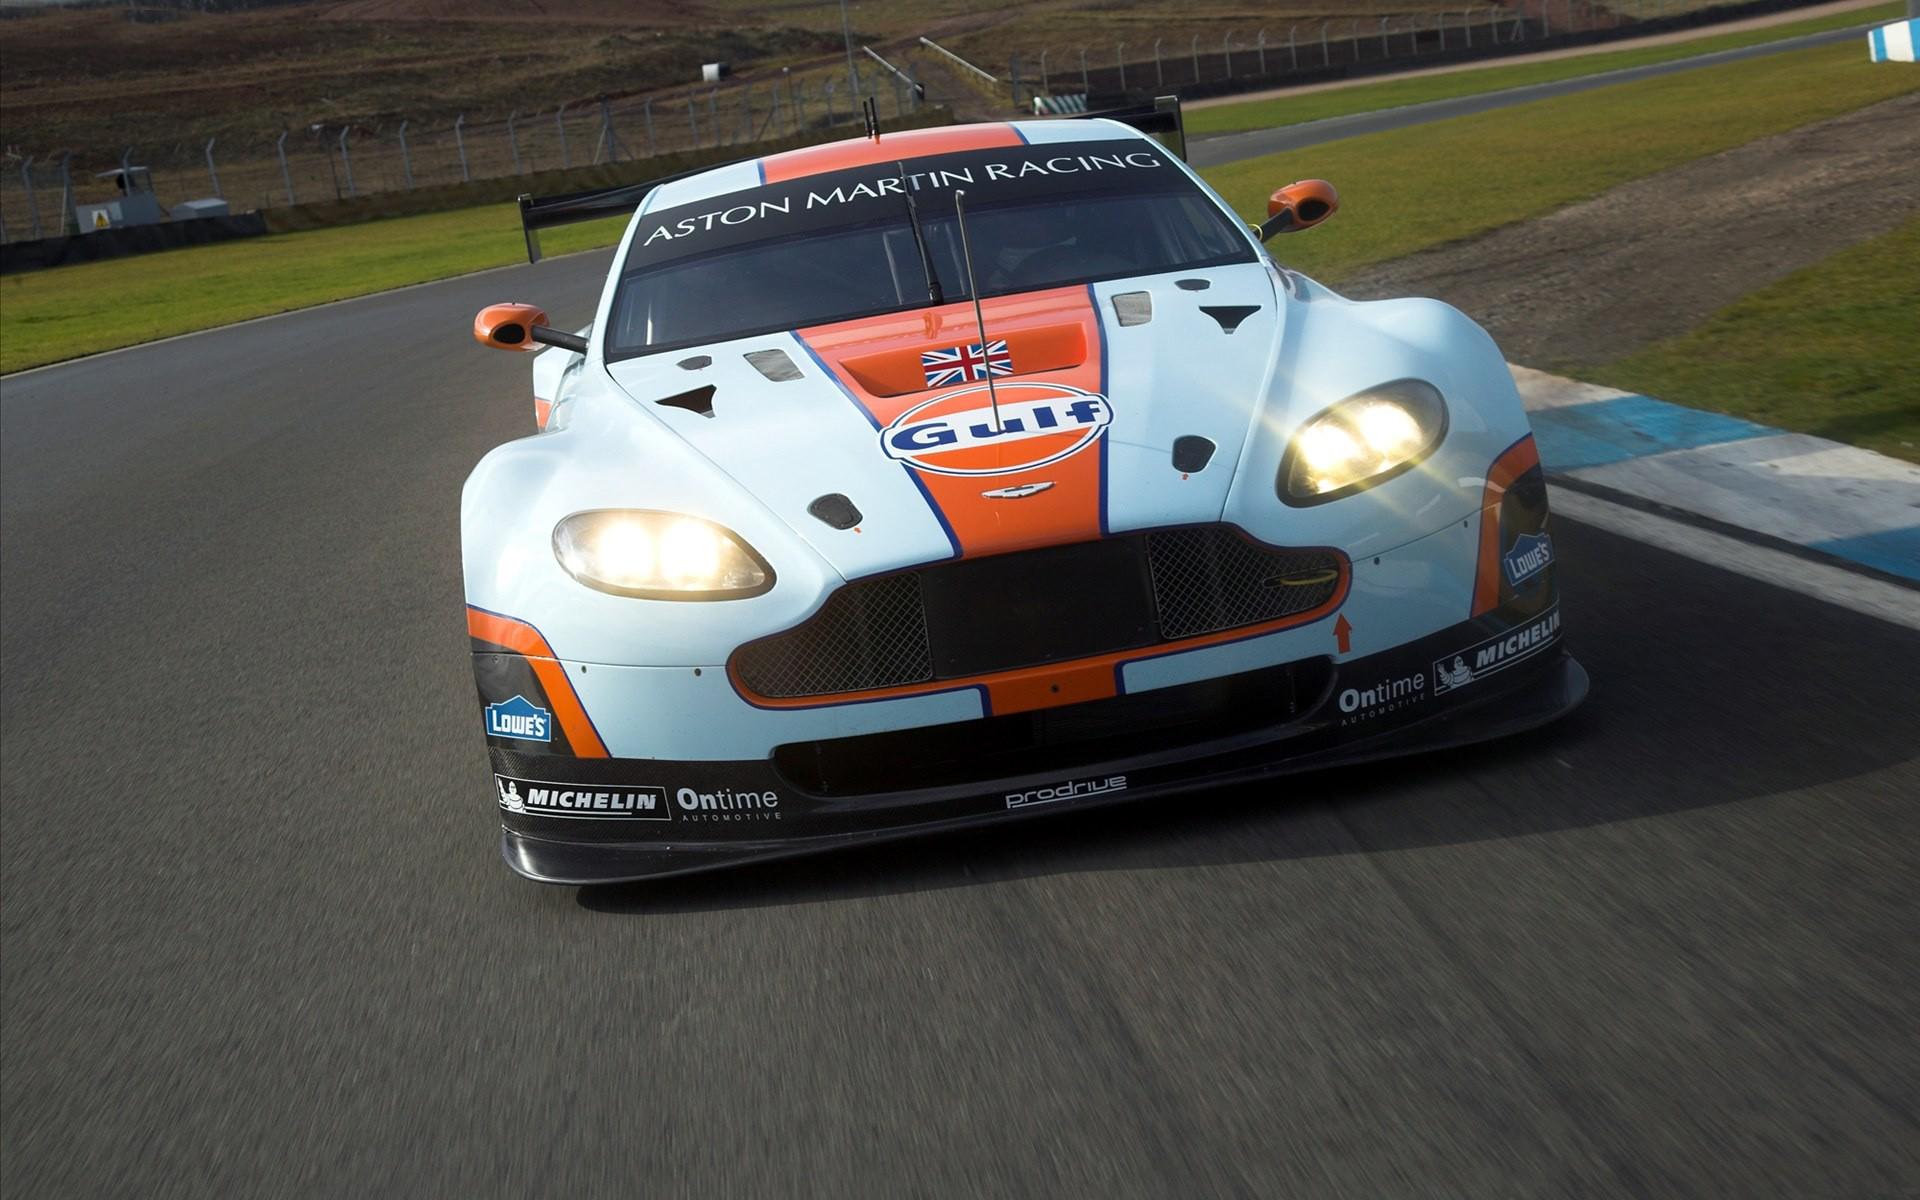 Aston Martin de carreras - 1920x1200